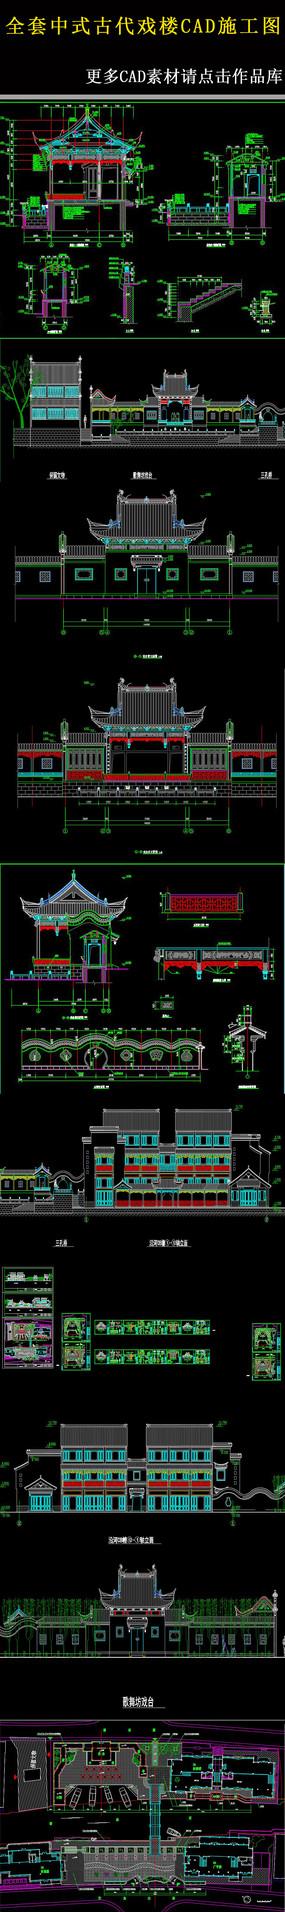 中式古代戏楼施工图2004